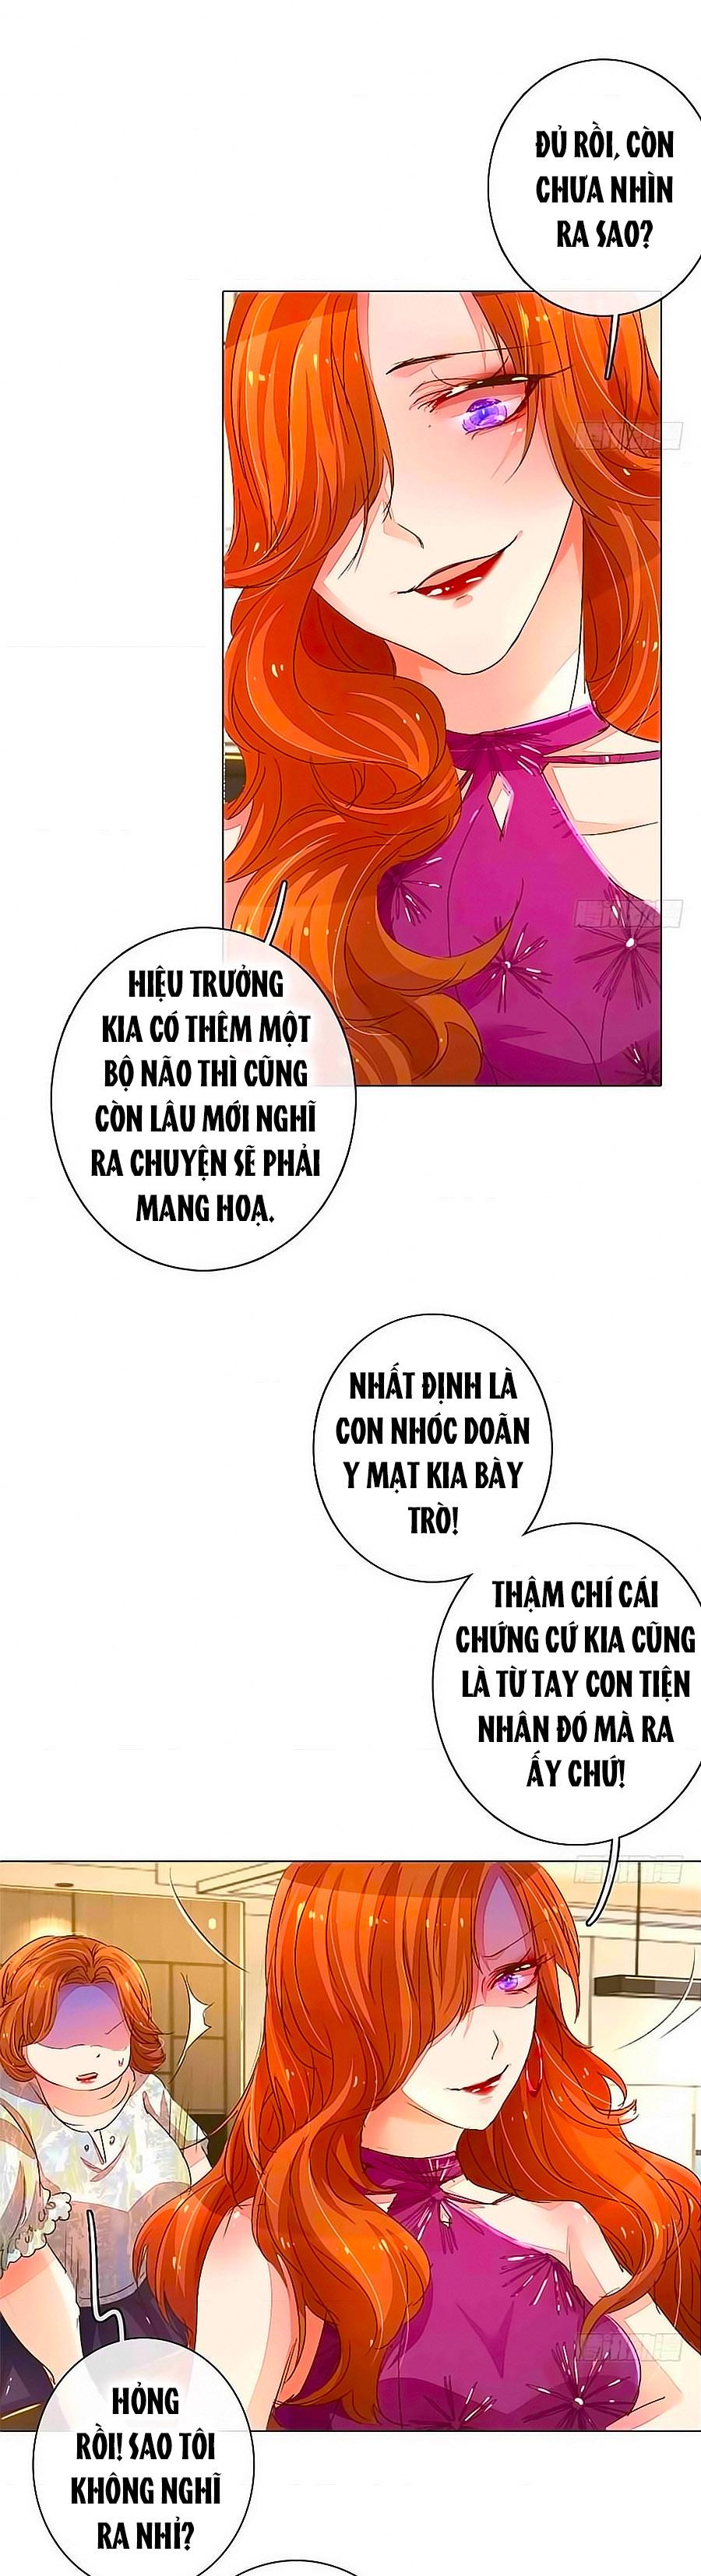 Hào Môn Tiểu Lãn Thê - Chap 86